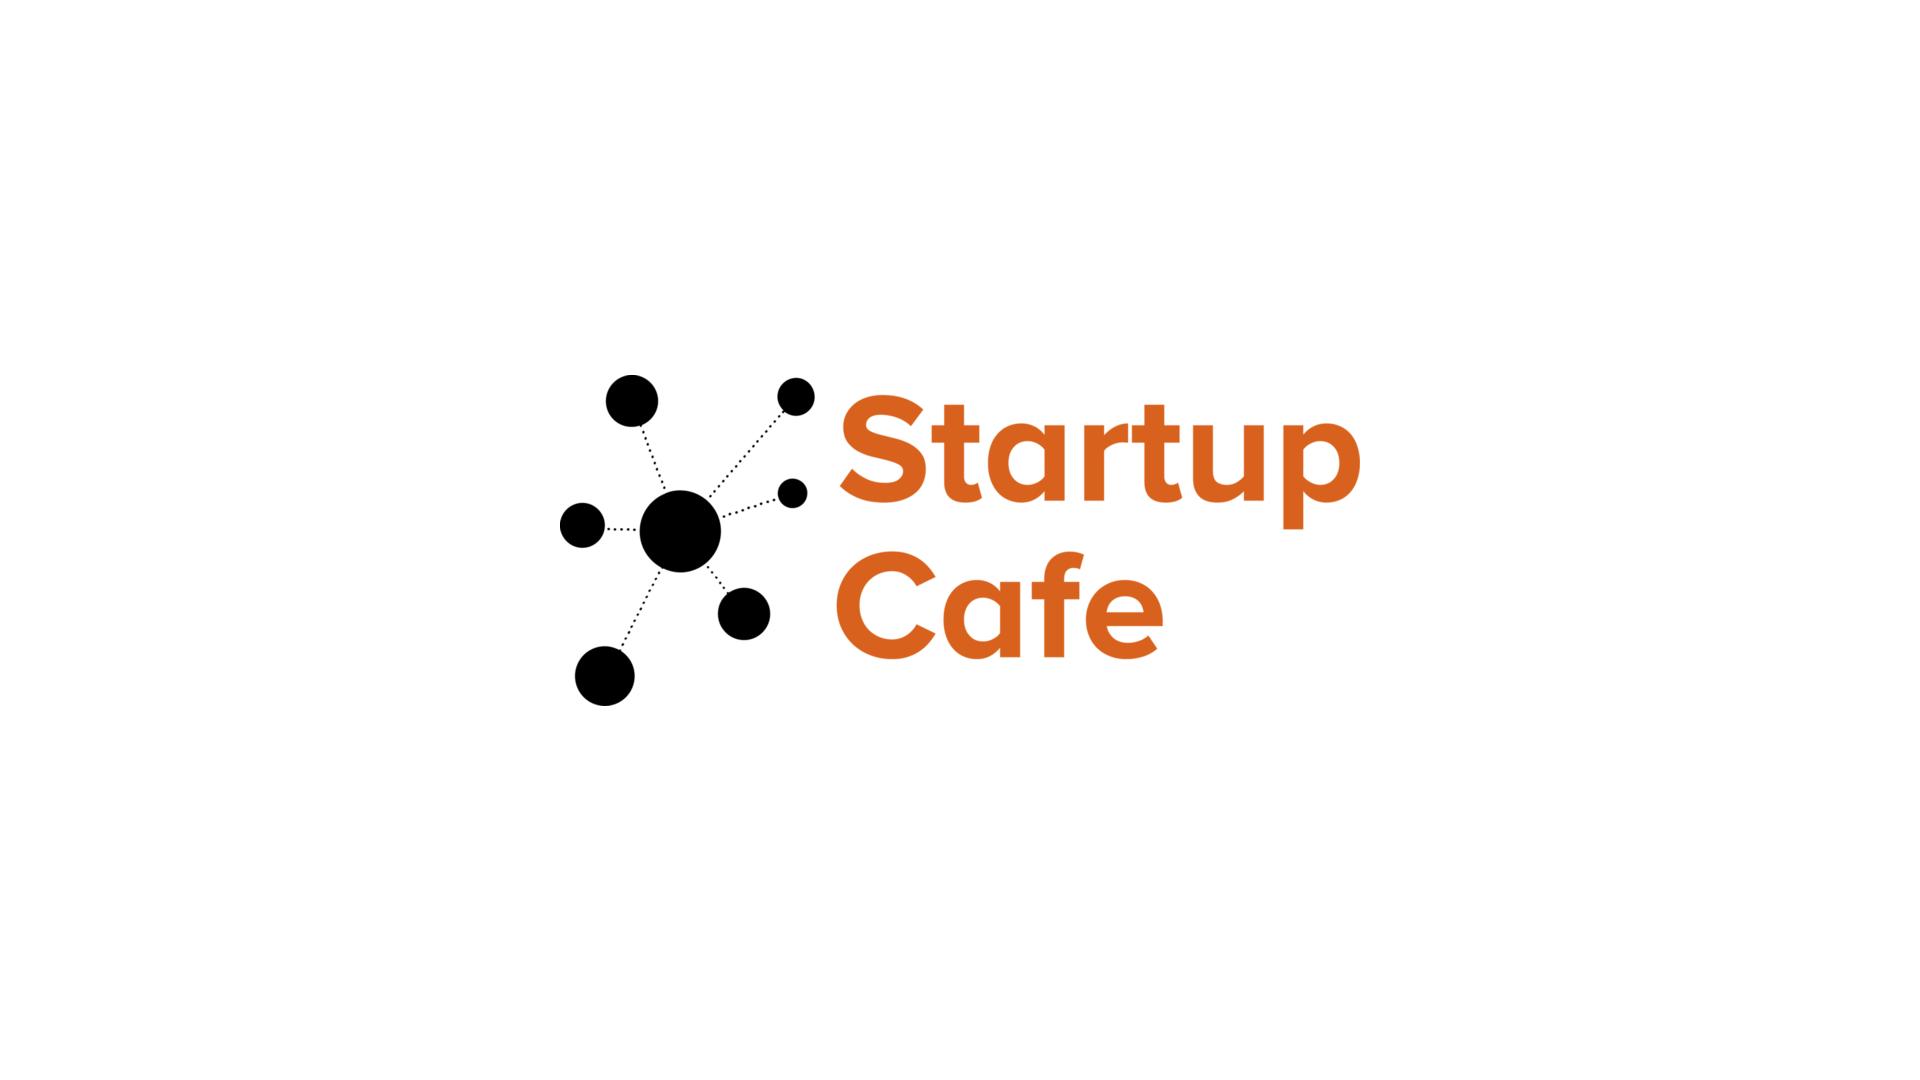 Startup Cafe Blog